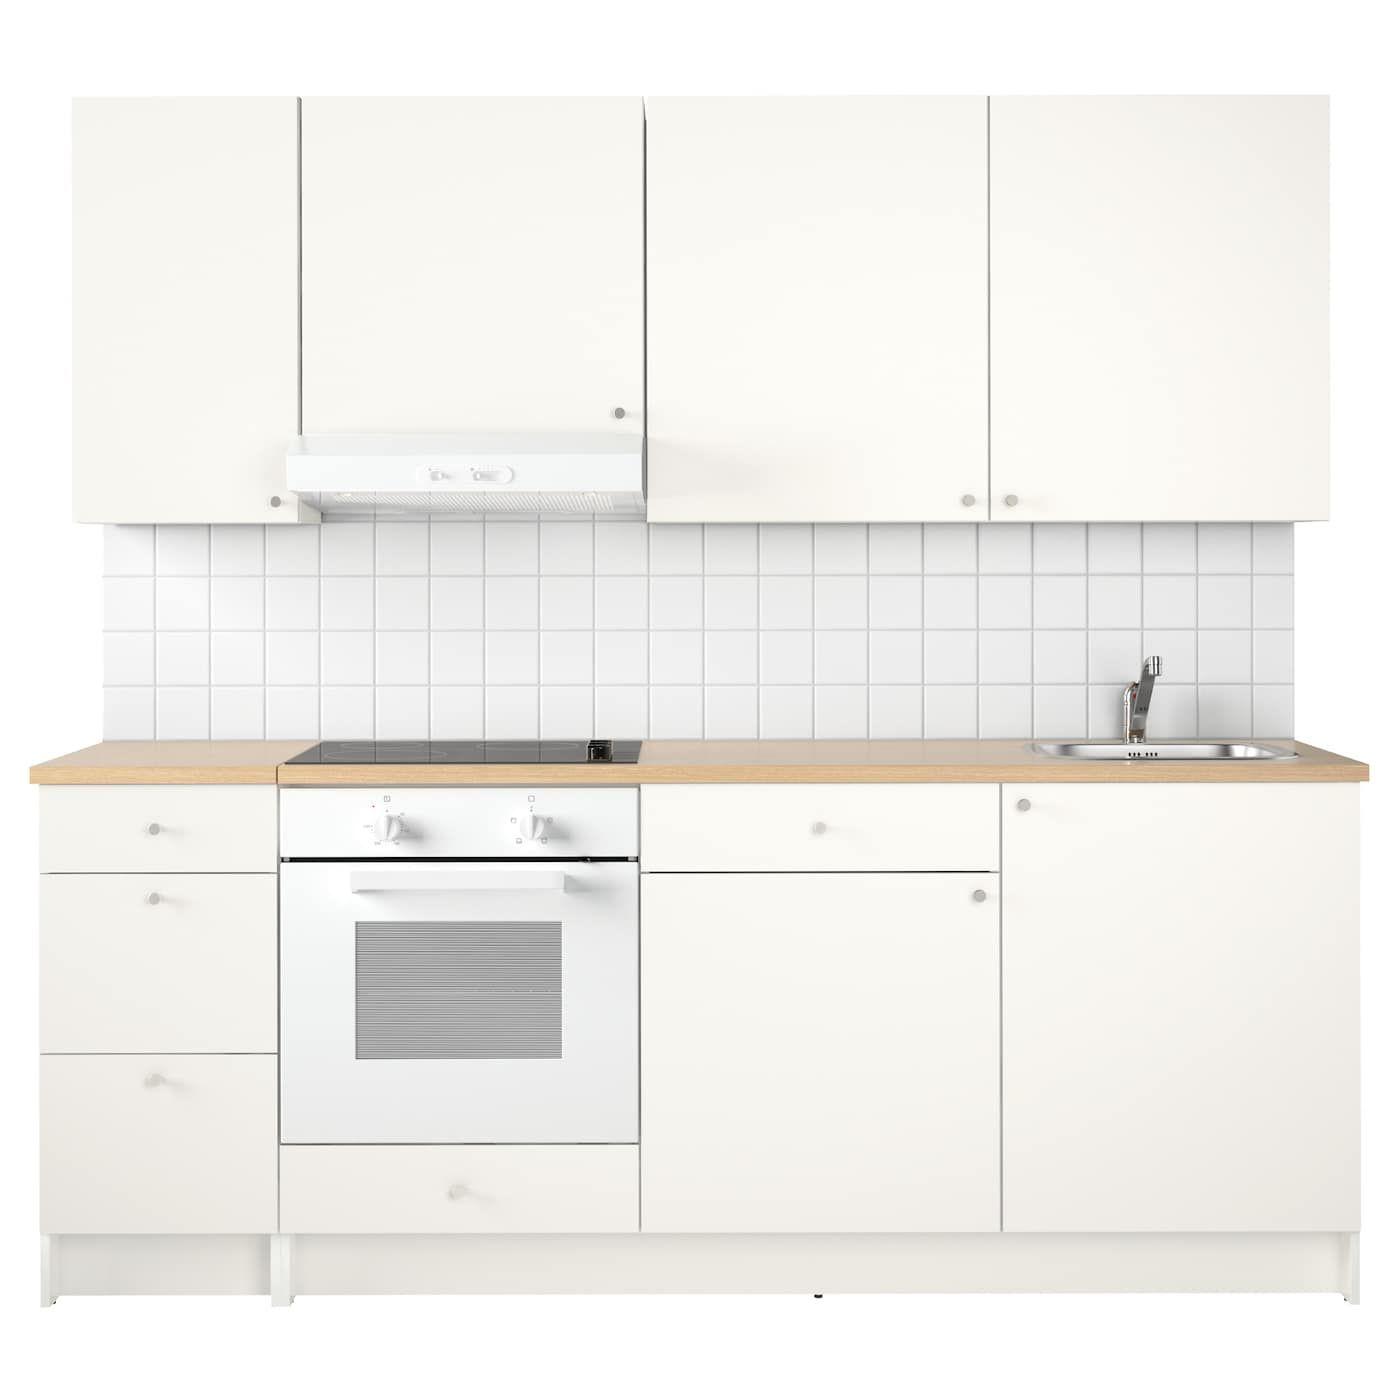 Möbel & Einrichtungsideen für dein Zuhause Ikea küche